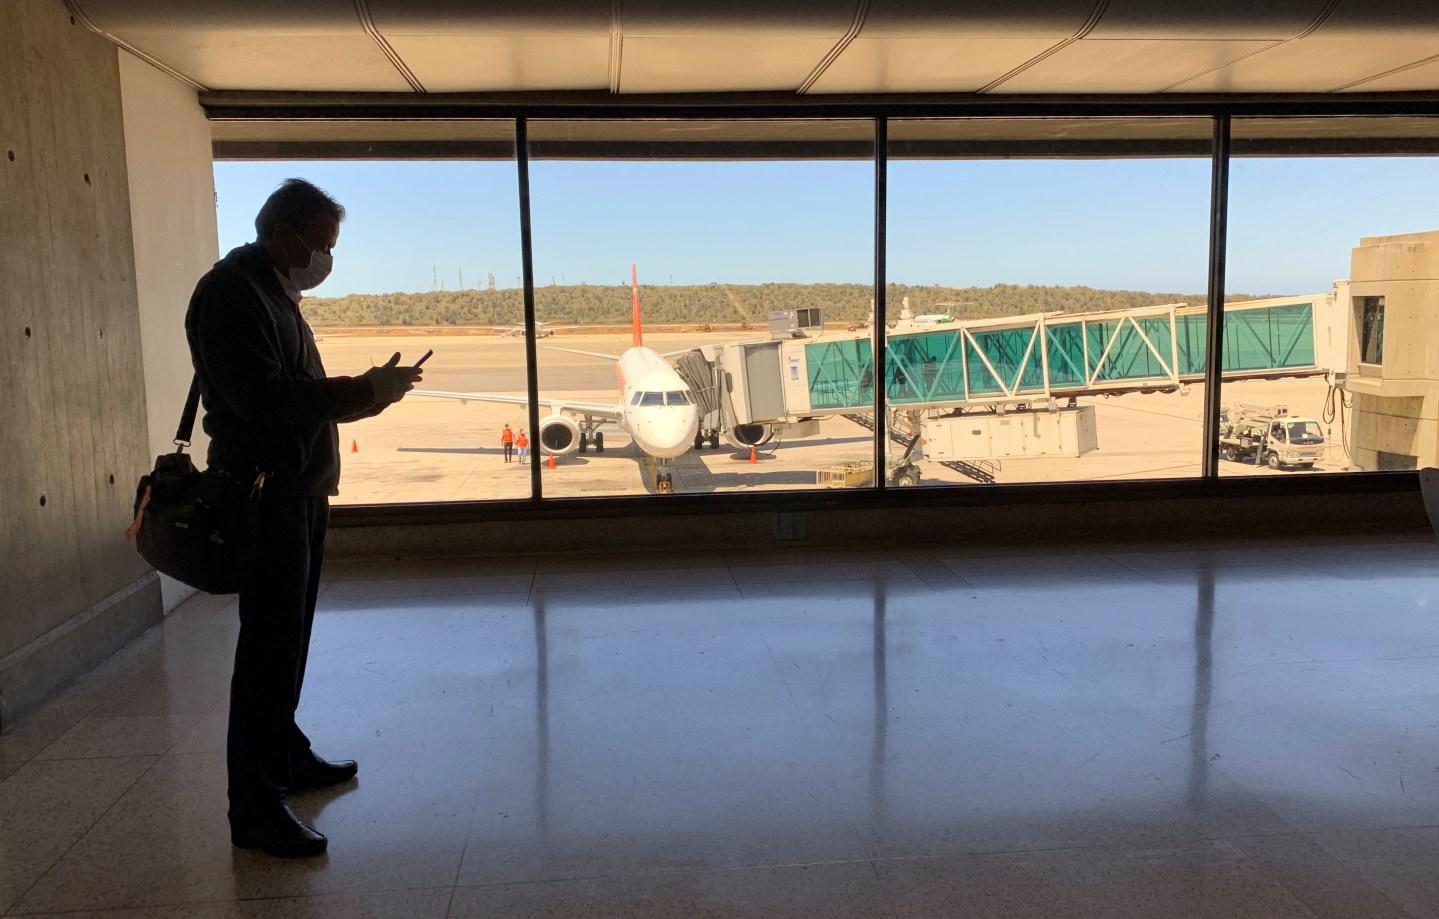 La demanda de vuelos nacionales incrementó un 70%: Conoce los precios para viajar por Venezuela